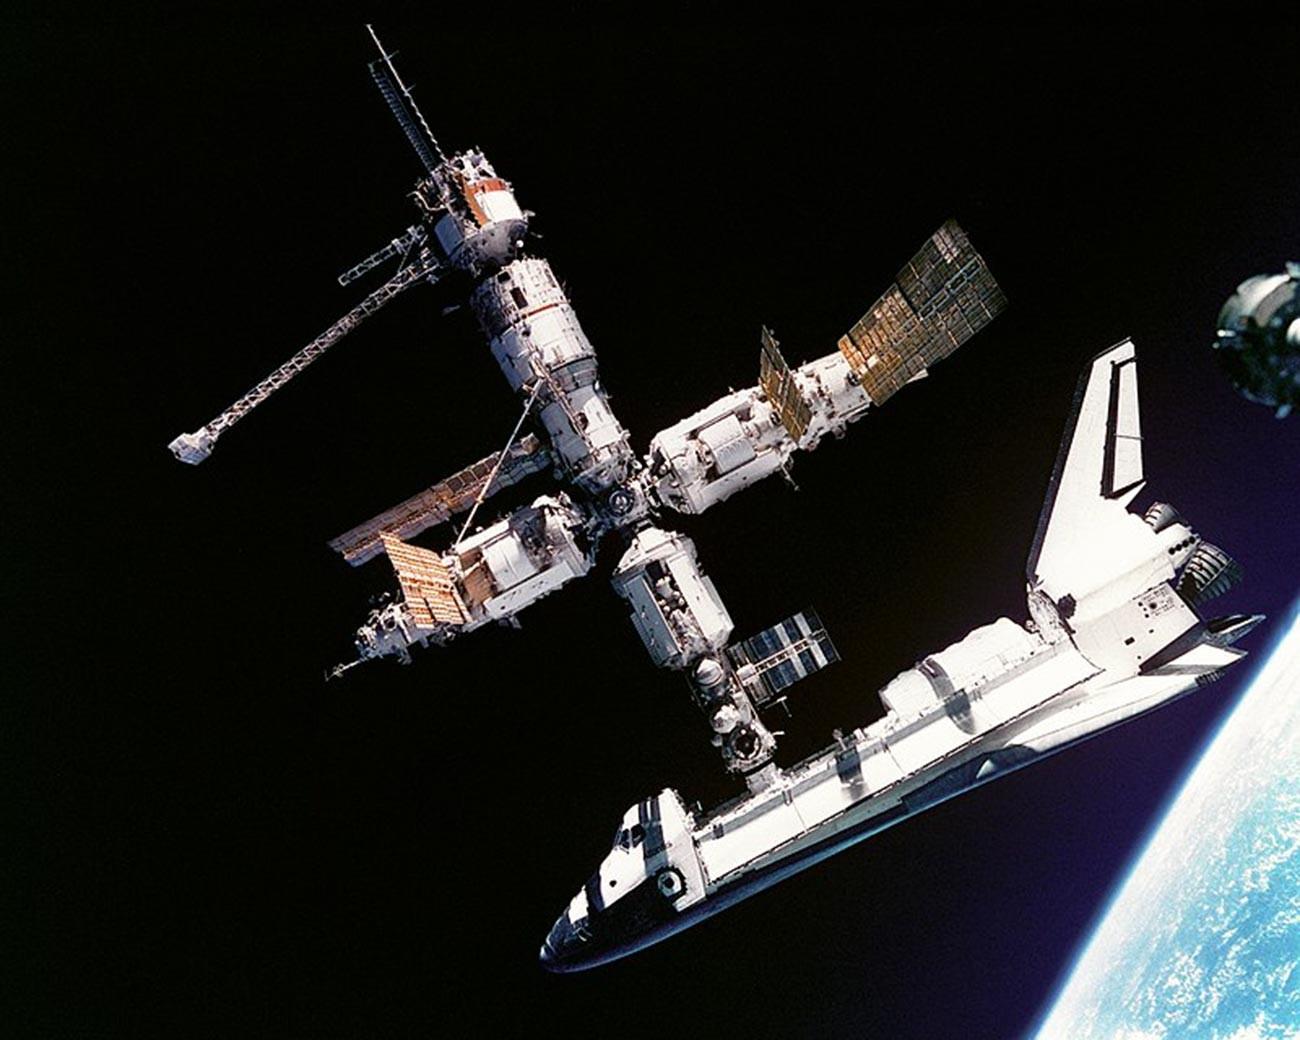 Vista del transbordador espacial Atlantis conectado a la estación espacial rusa Mir, el 4 de julio de 1995.